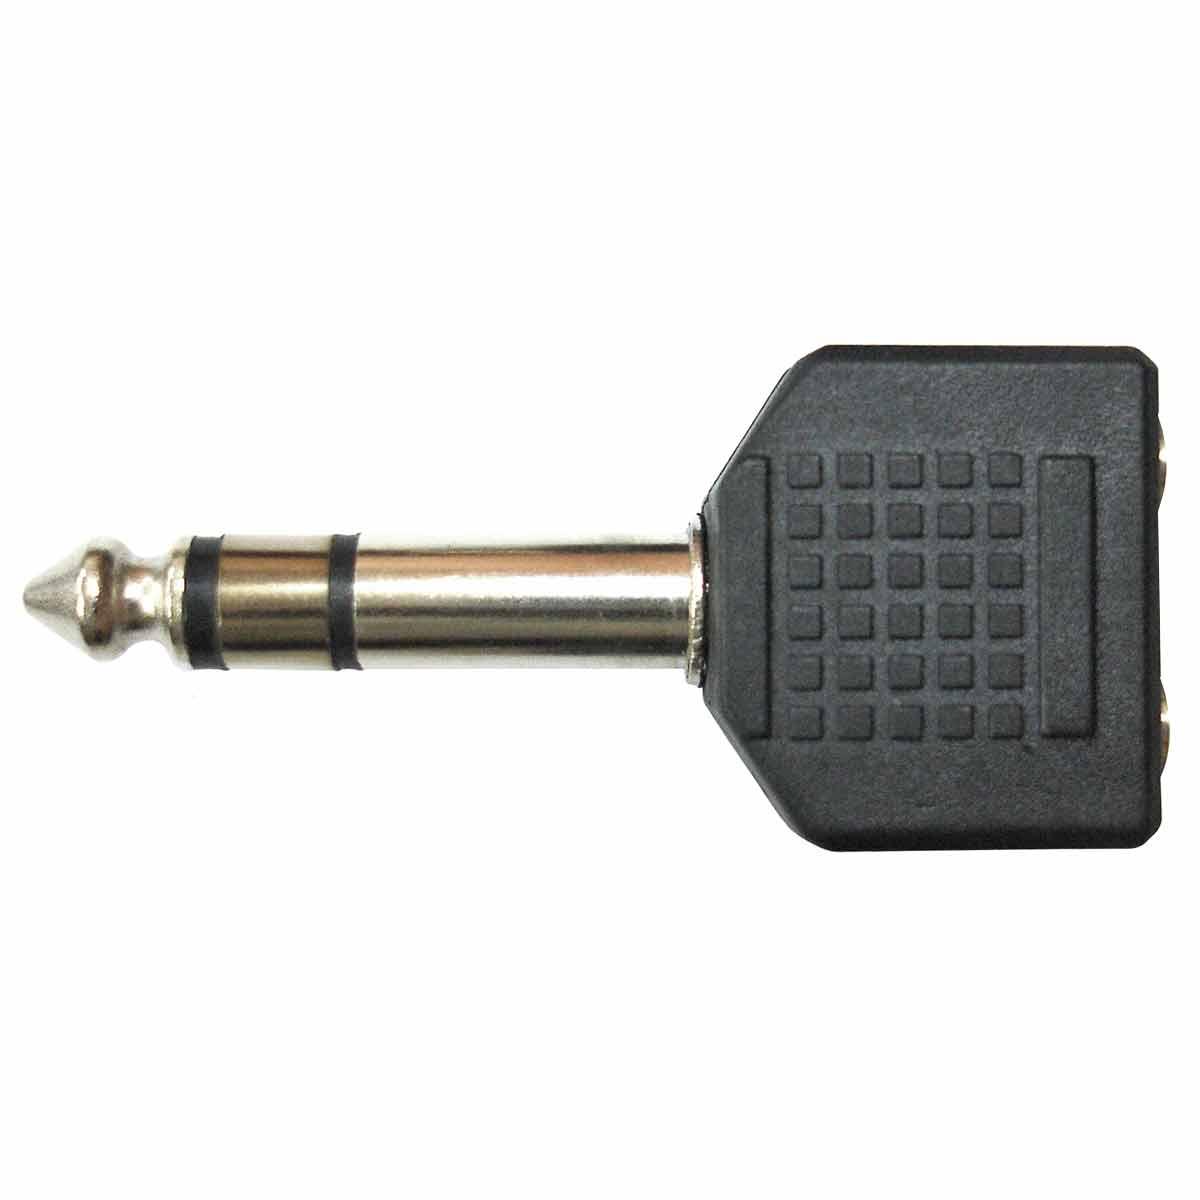 Adaptador 2x P2 F / P10 M WC 2038 AD - Wireconex